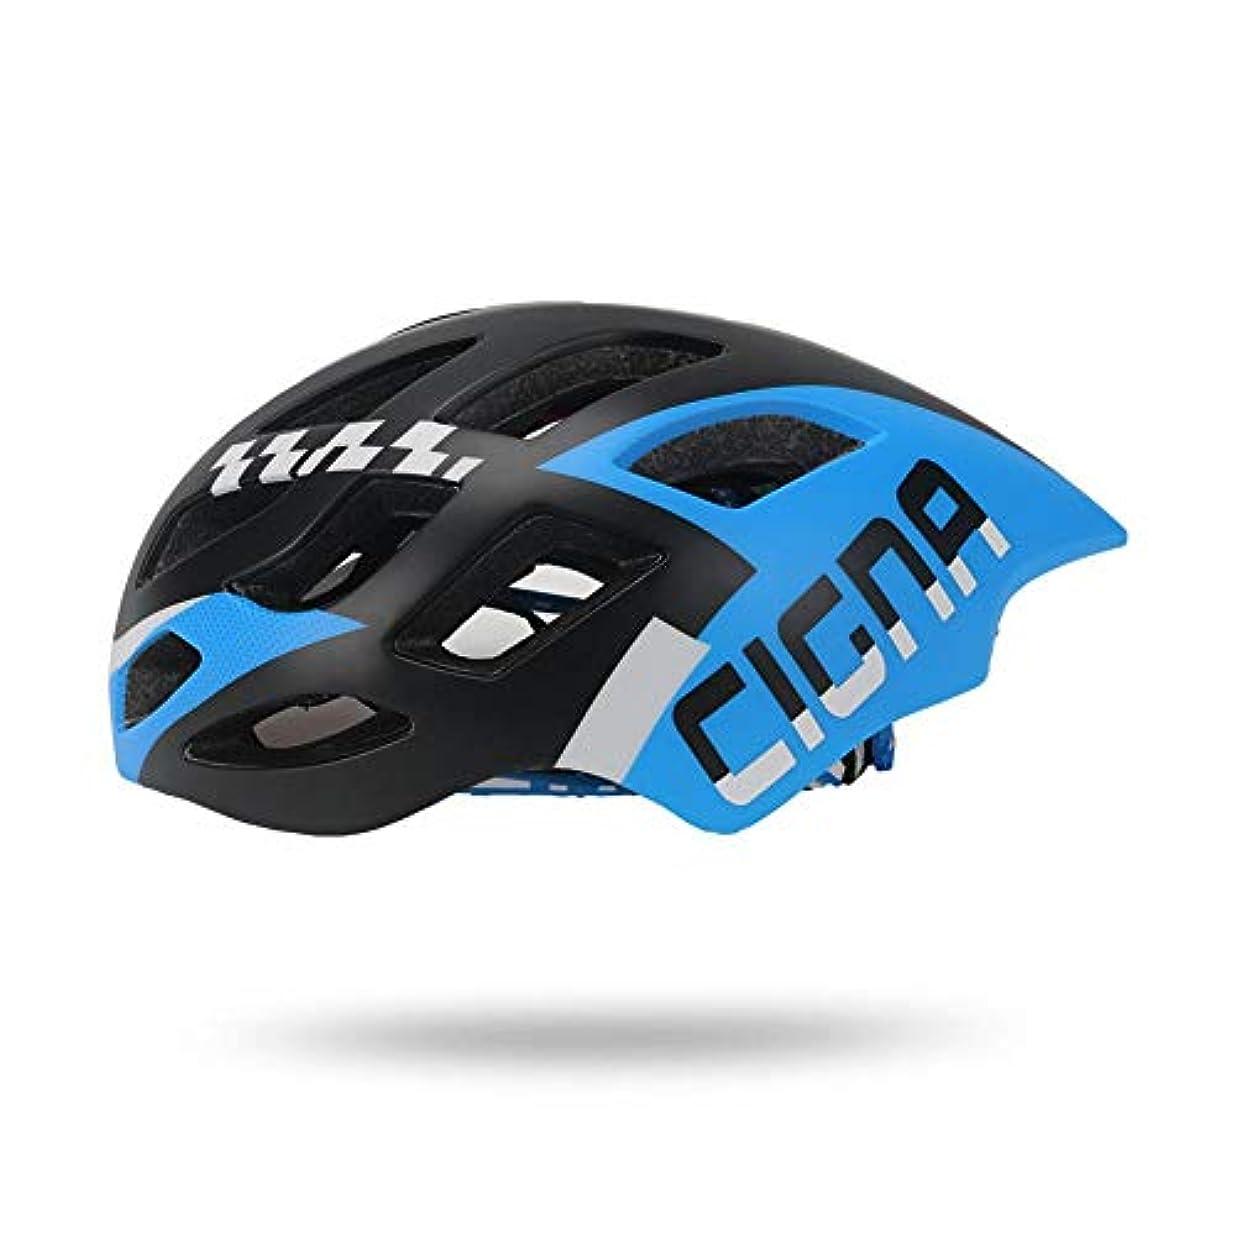 連鎖絡まるに頼るロードバイク 自転車ヘルメット サイクルヘルメット 超軽量自転車ヘルメット クロスバイク スポーツ ヘルメット 大人用男女兼用